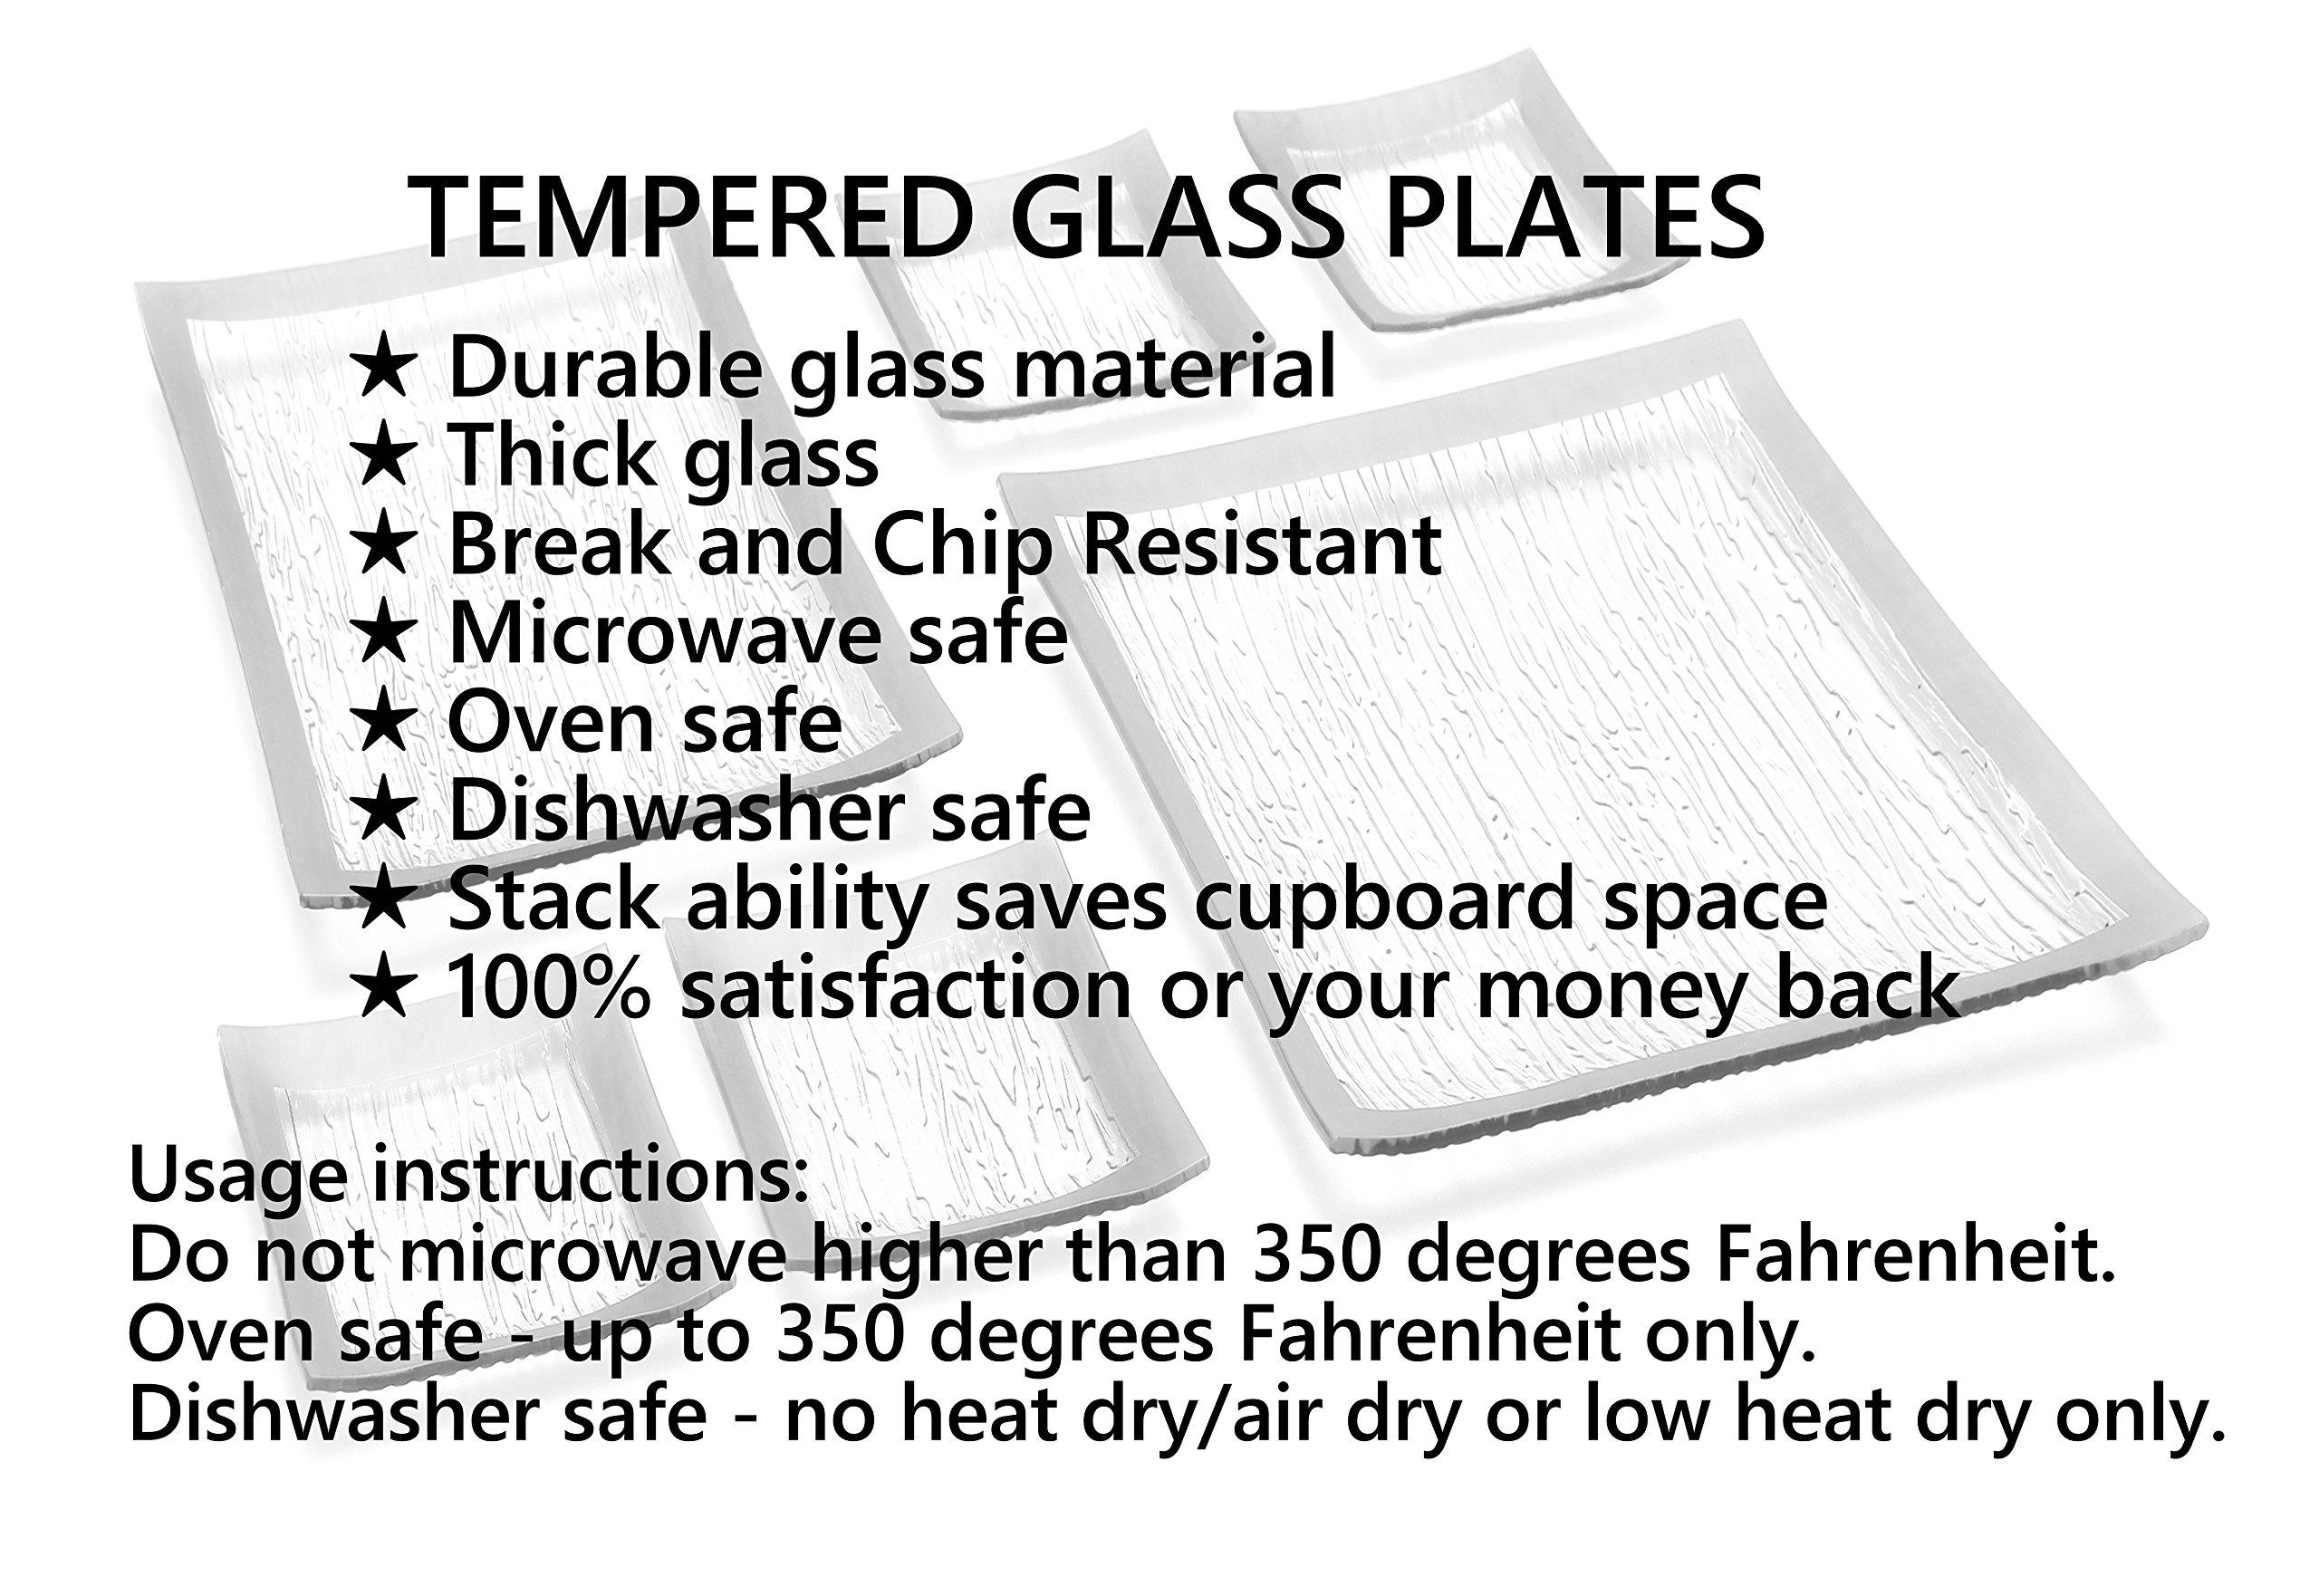 GAC Elegant Designed Square Tempered Glass Dessert Plates Set of 4 – Break and Chip Resistant - Oven Proof - Microwave Safe - Dishwasher Safe 6 Inch by GAC (Image #6)